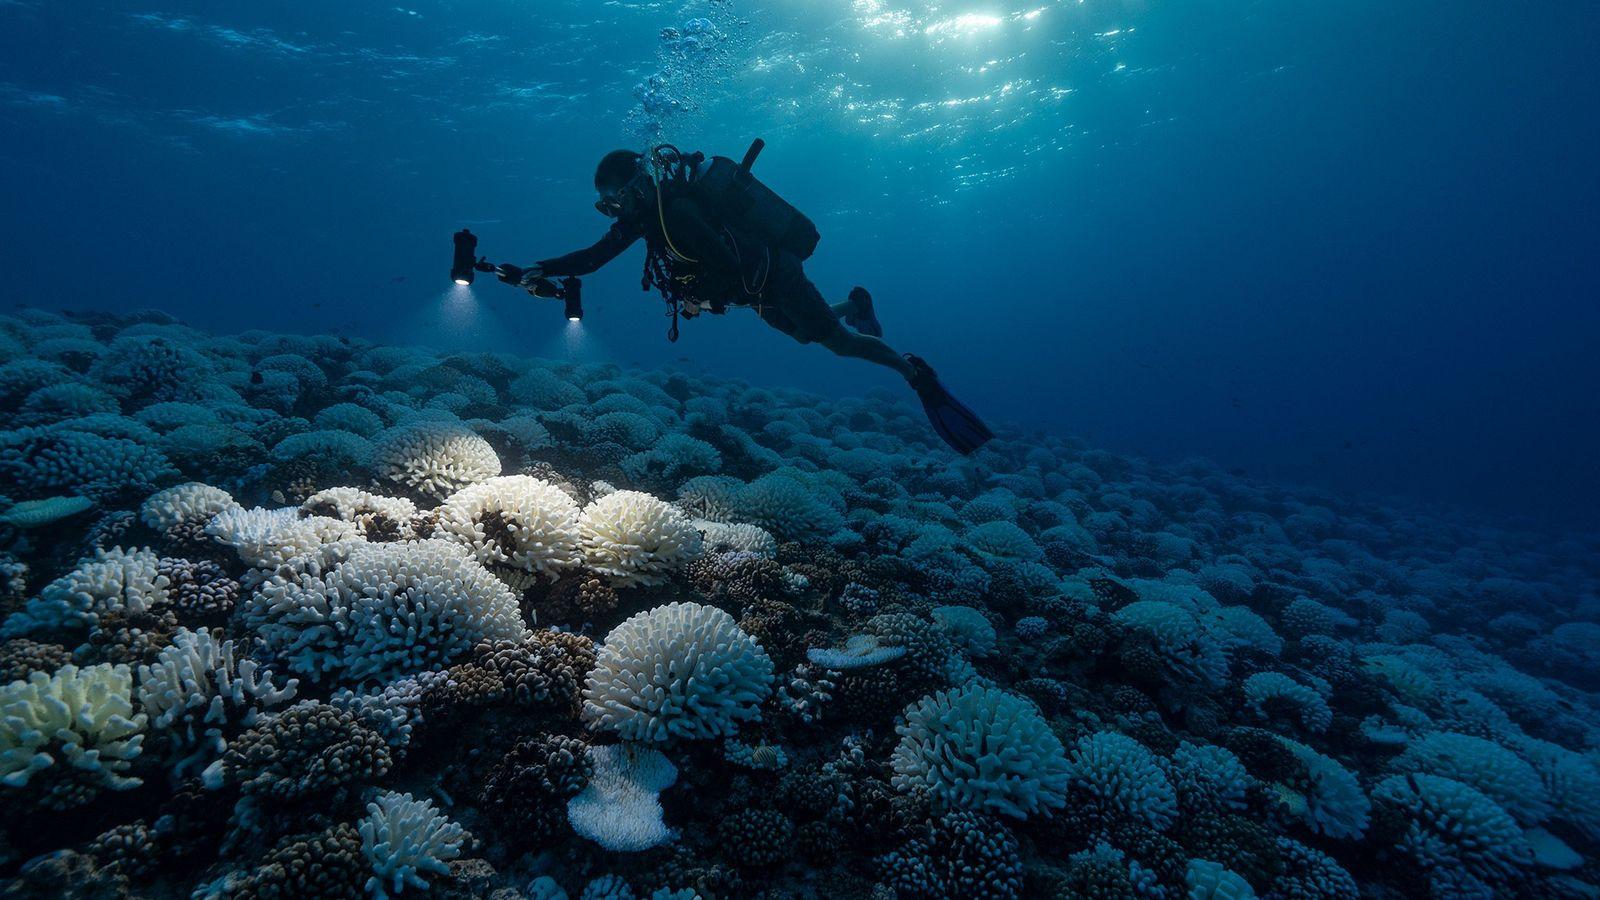 Os oceanos, e os corais que neles habitam, estão sob tensão extrema devido às alterações climáticas ...